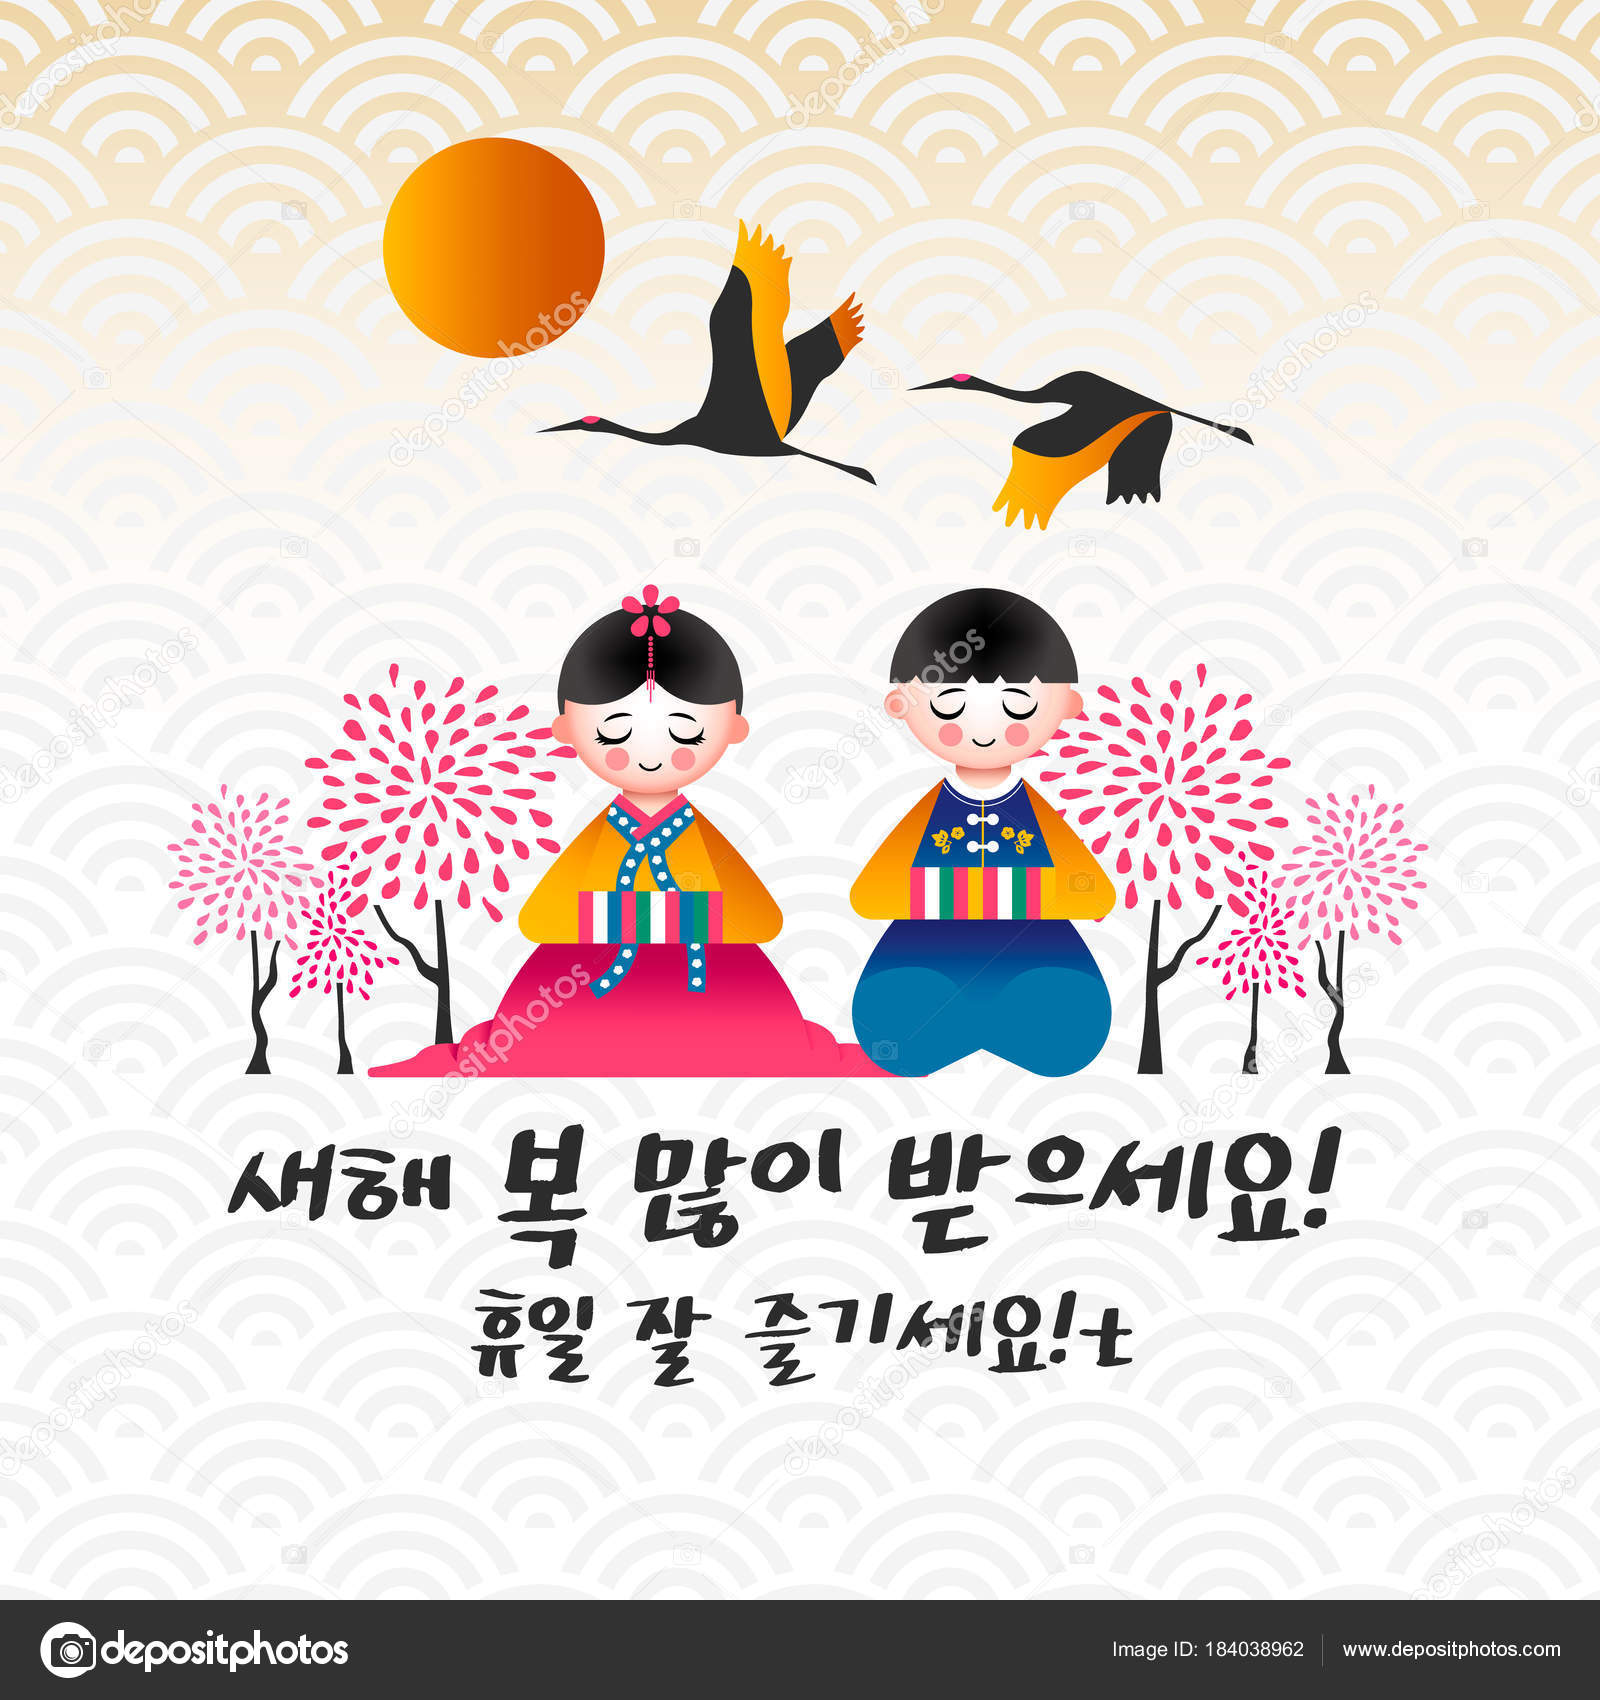 Süße Kinder wünschen frohes koreanisches neues Jahr 2018 ...